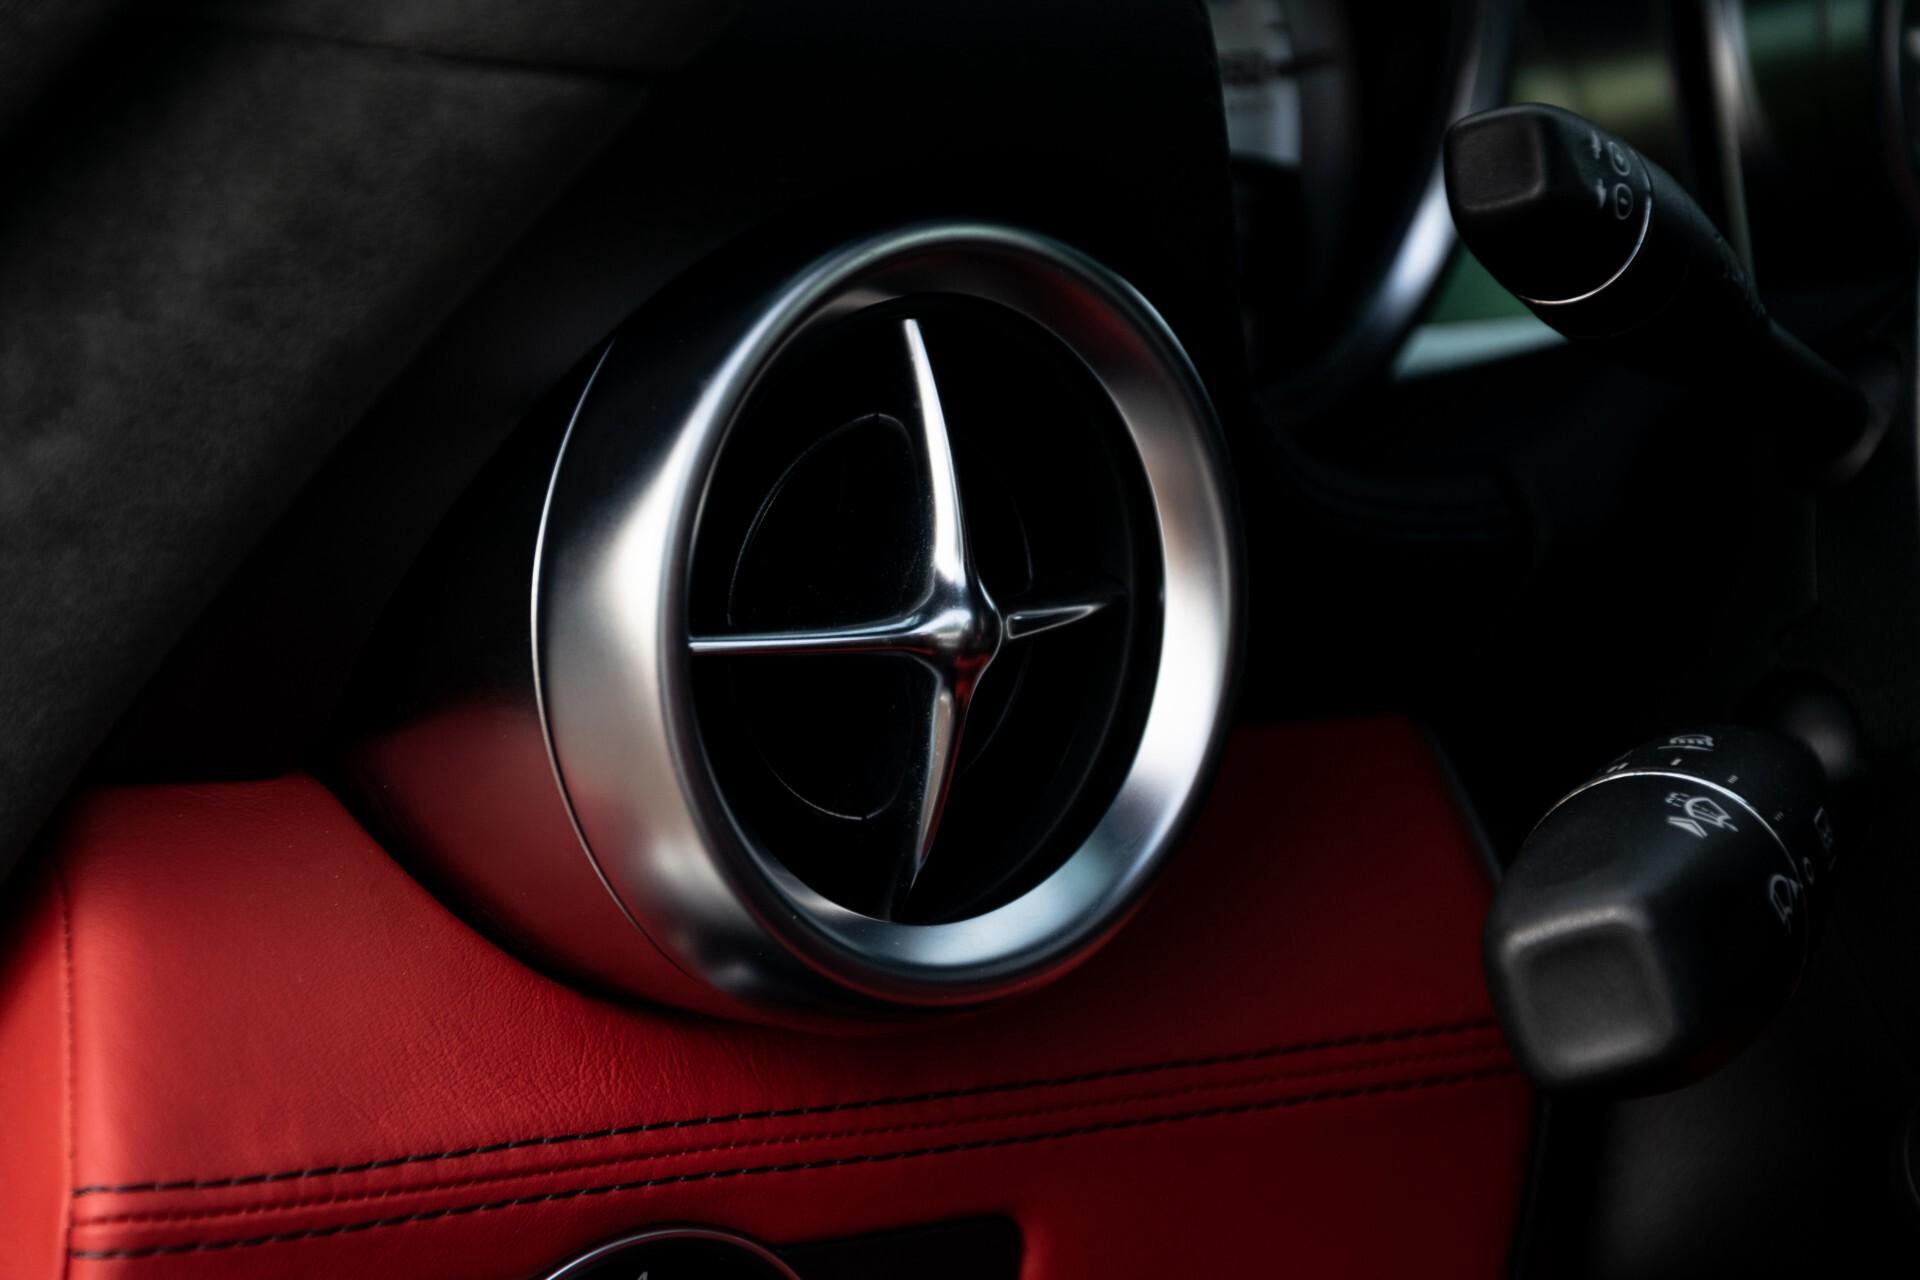 Mercedes-Benz SLS Coupé 6.3 AMG 1ste eigenaar/NL Auto FULL OPTIONS Aut7 Foto 25